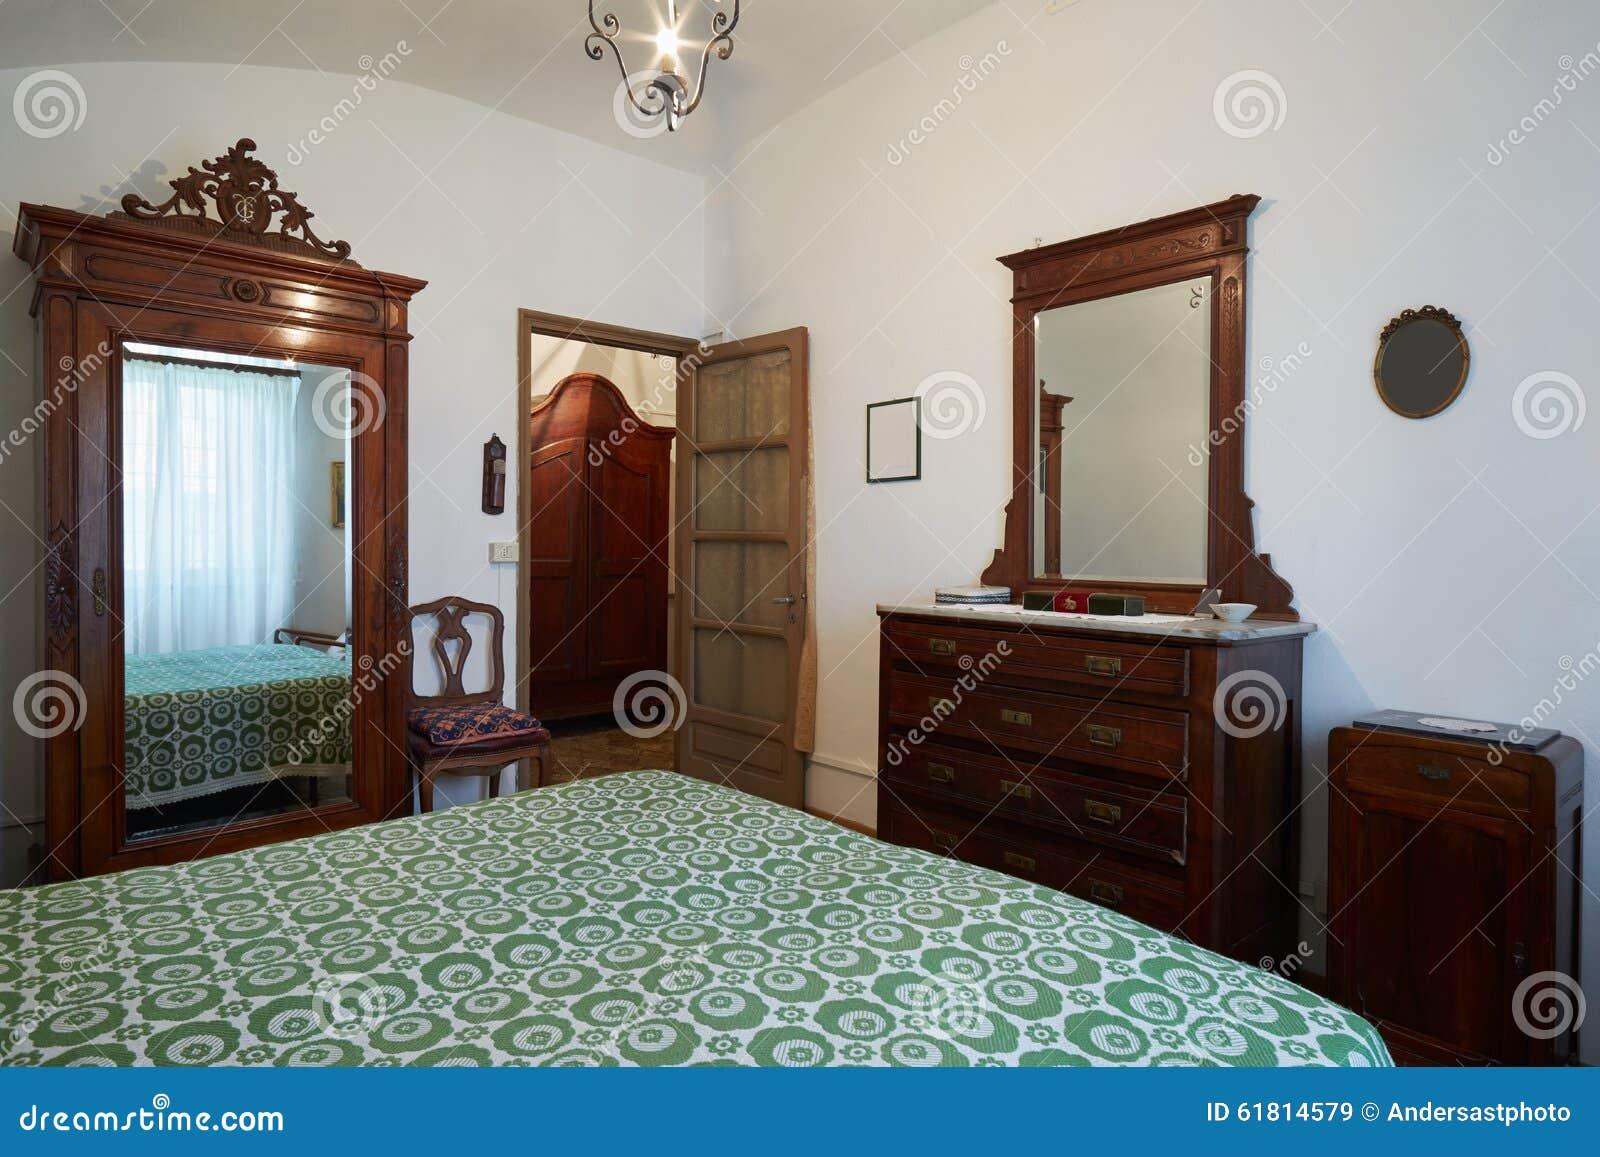 Altes Schlafzimmer Mit Königindoppelbett Im Alten Haus Stockbild ...